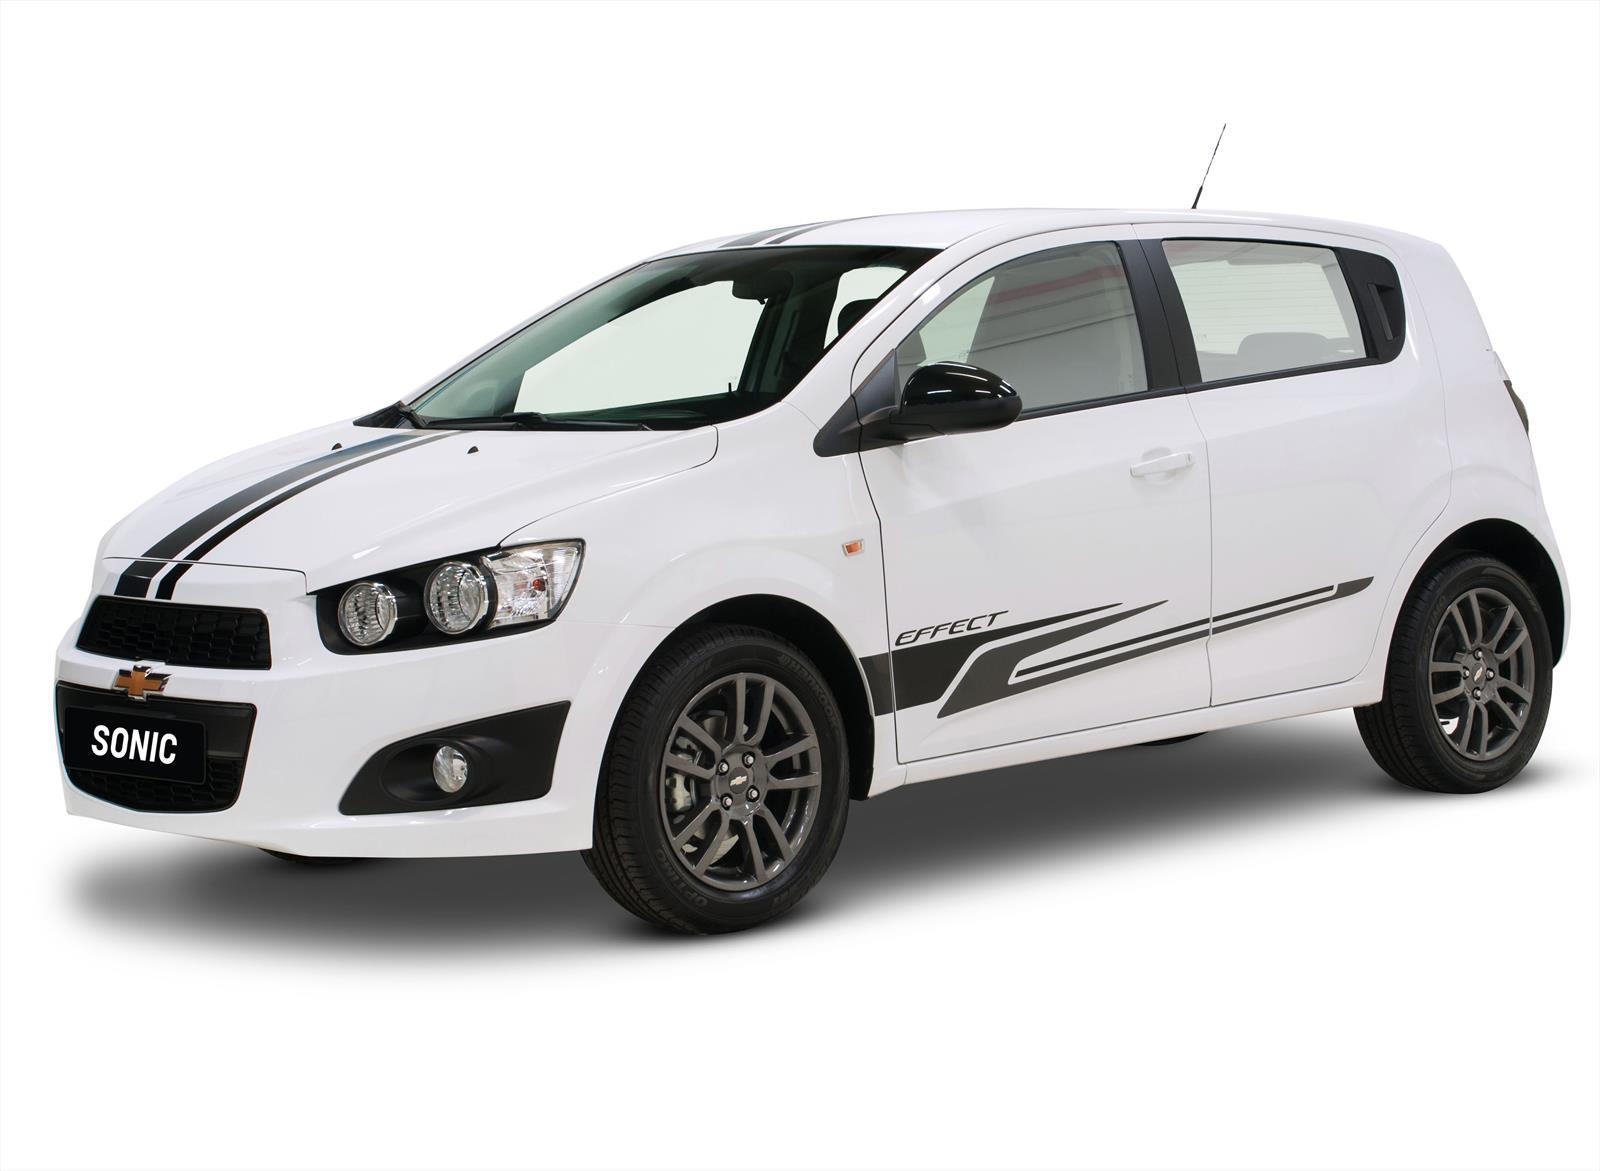 Chevrolet Chile Presenta Series Especiales De Los Spark Gt